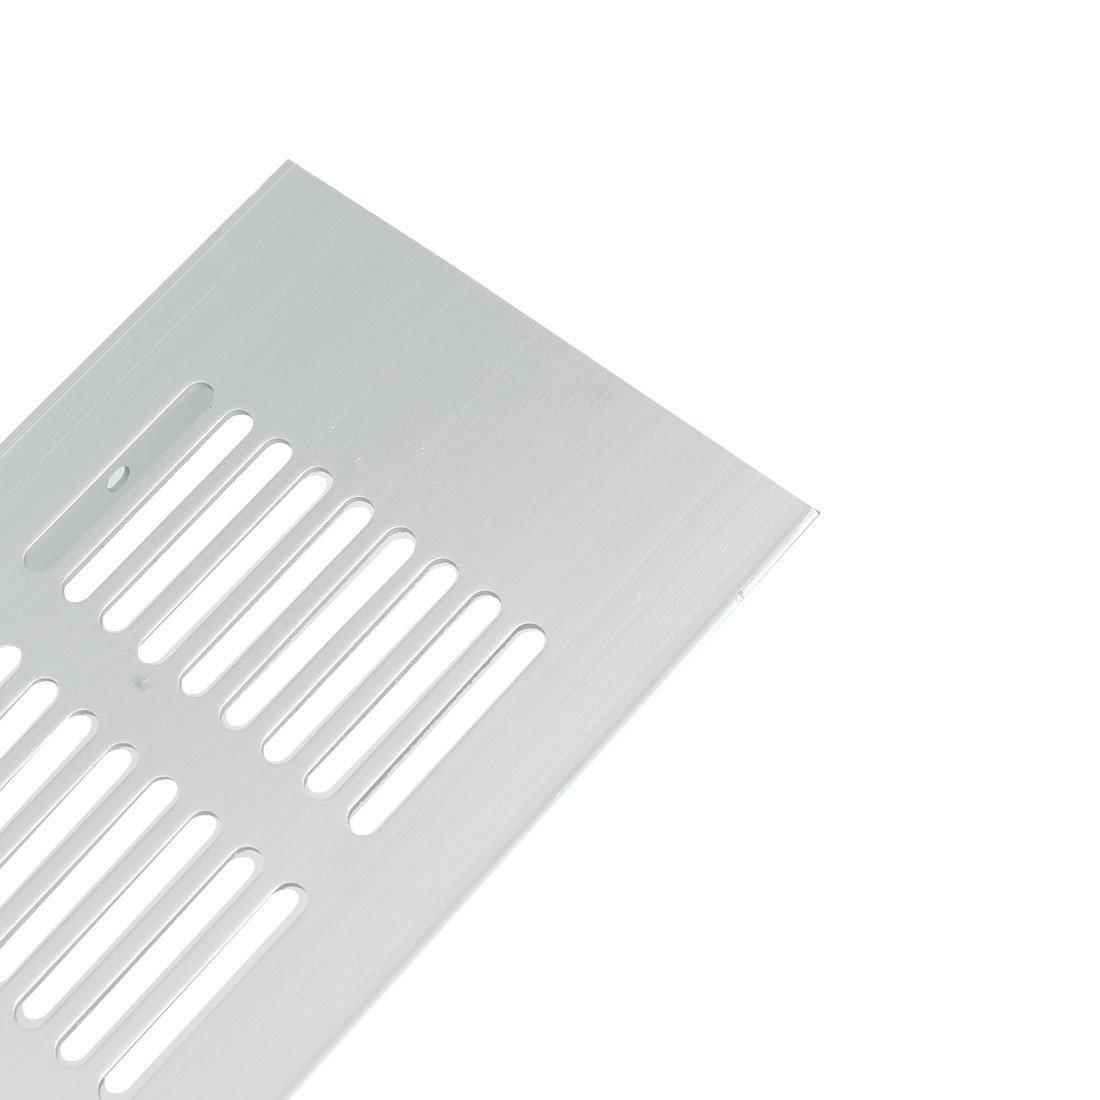 400mmx80mm en alliage aluminium grille de ventilation rectangulaire Couvercle /à persiennes A/érateur